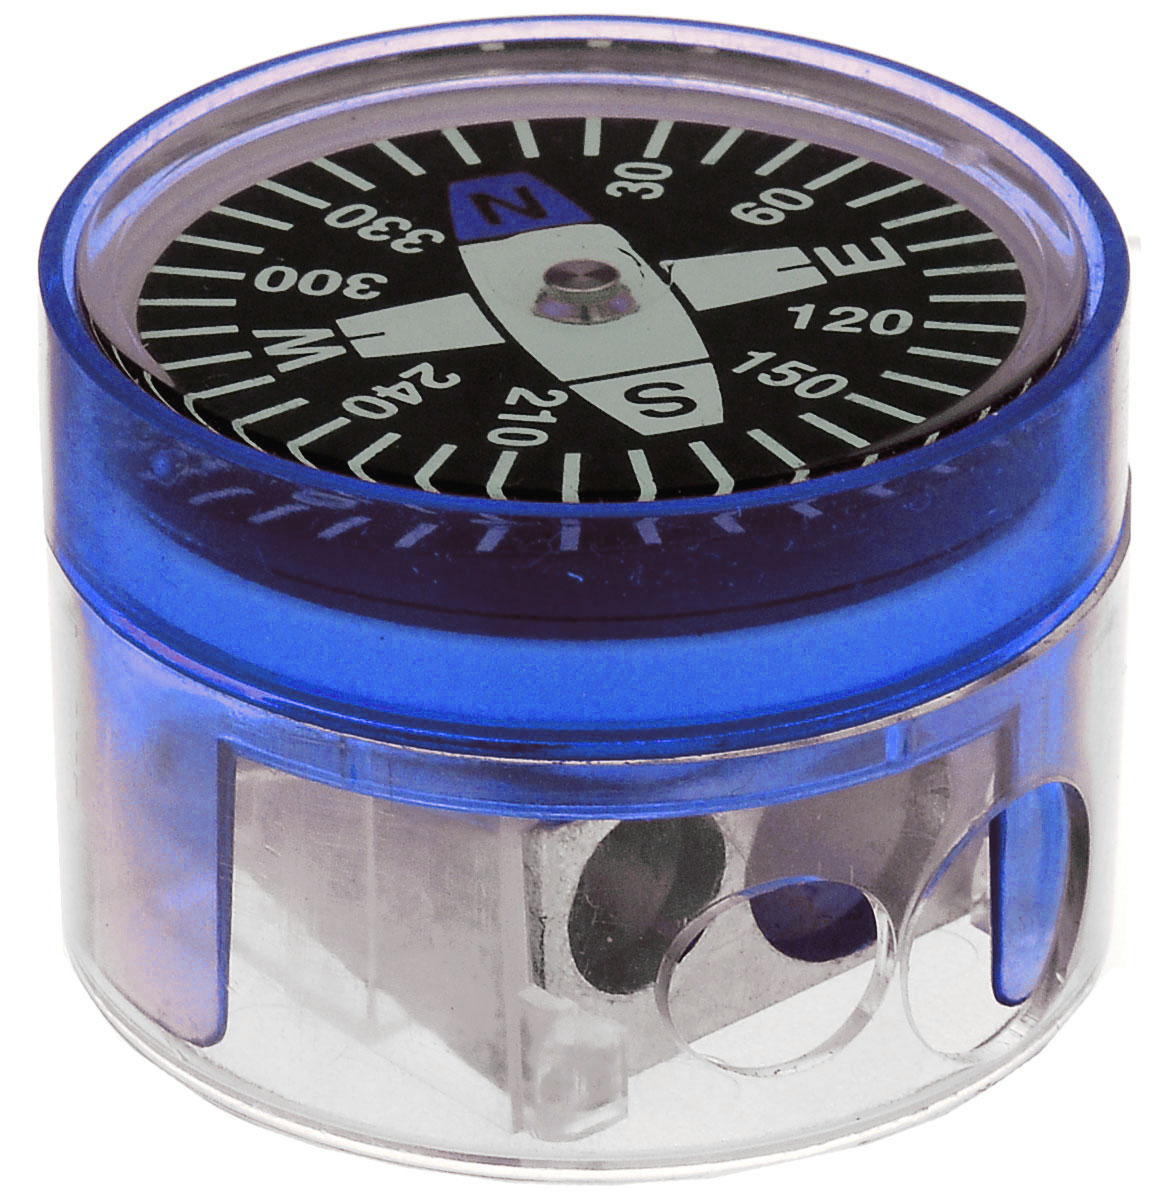 Brunnen Точилка двойная Компас цвет синий31526_голубойДвойная точилка Brunnen Компас выполнена из прочного пластика.В точилке имеются два отверстия для карандашей различного диаметра, подходит для разных видов карандашей. При повороте пластикового контейнера, отверстия закрываются. Полупрозрачный контейнер для сбора стружки позволяет визуально контролировать уровень заполнения и вовремя производить очистку. В крышку контейнера встроен небольшой компас.